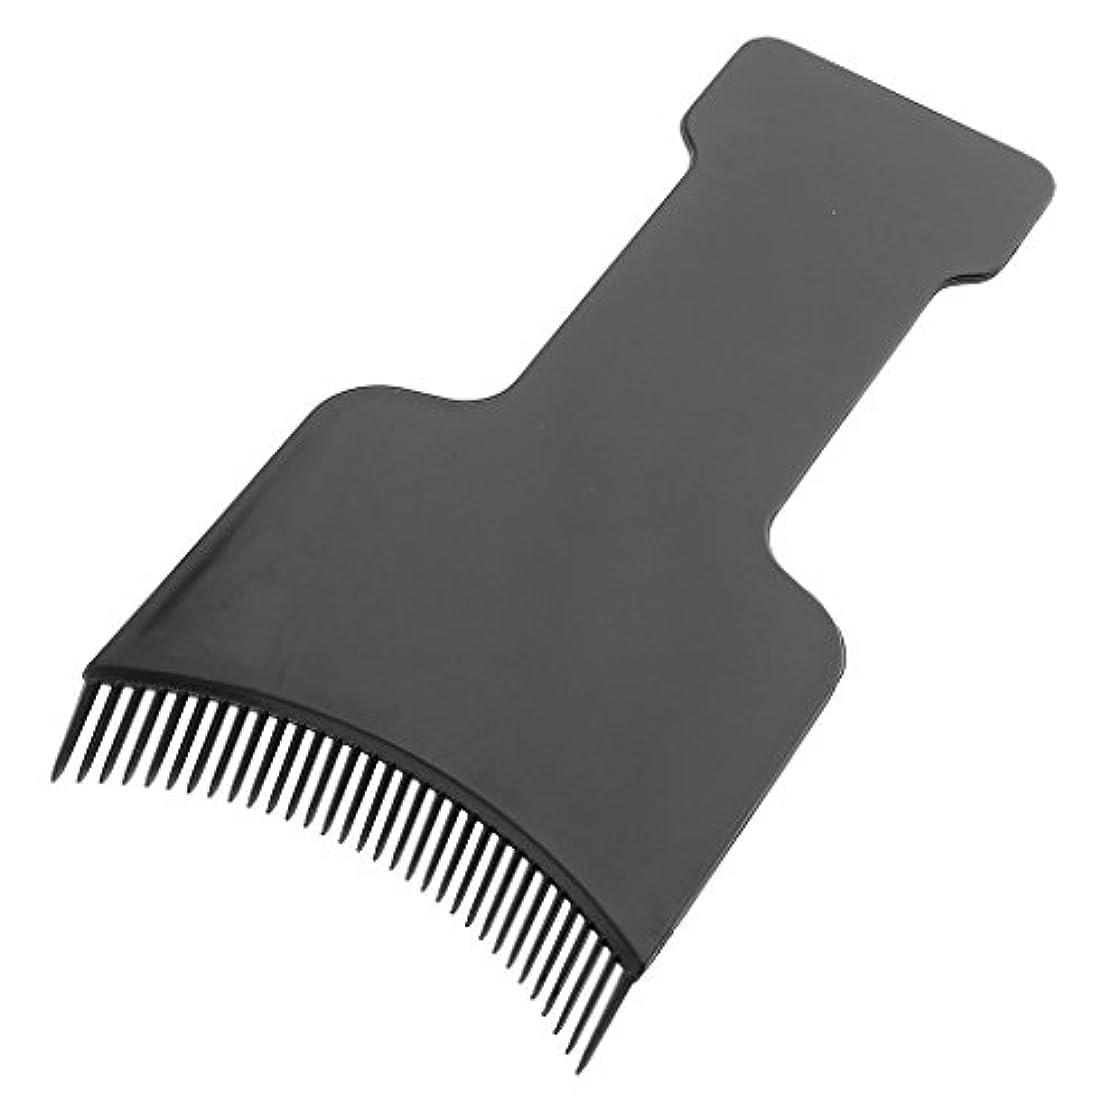 場所不機嫌そうなシャーヘアカラーボード サロン ヘアカラー 美容 ヘア ツール 髪 保護 ブラック 全4サイズ - S